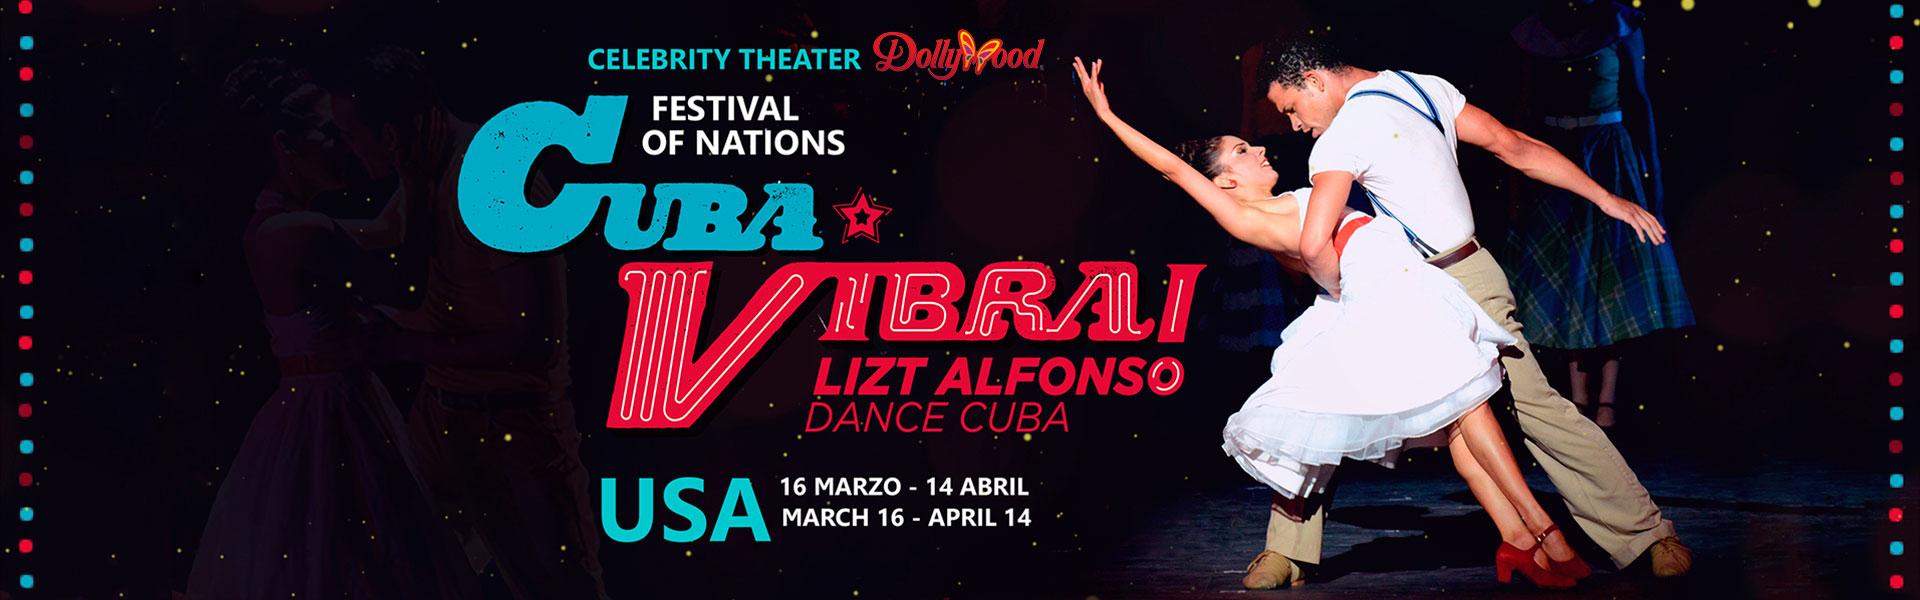 Usa tour 2019 Lizt Alfonso Dance Cuba